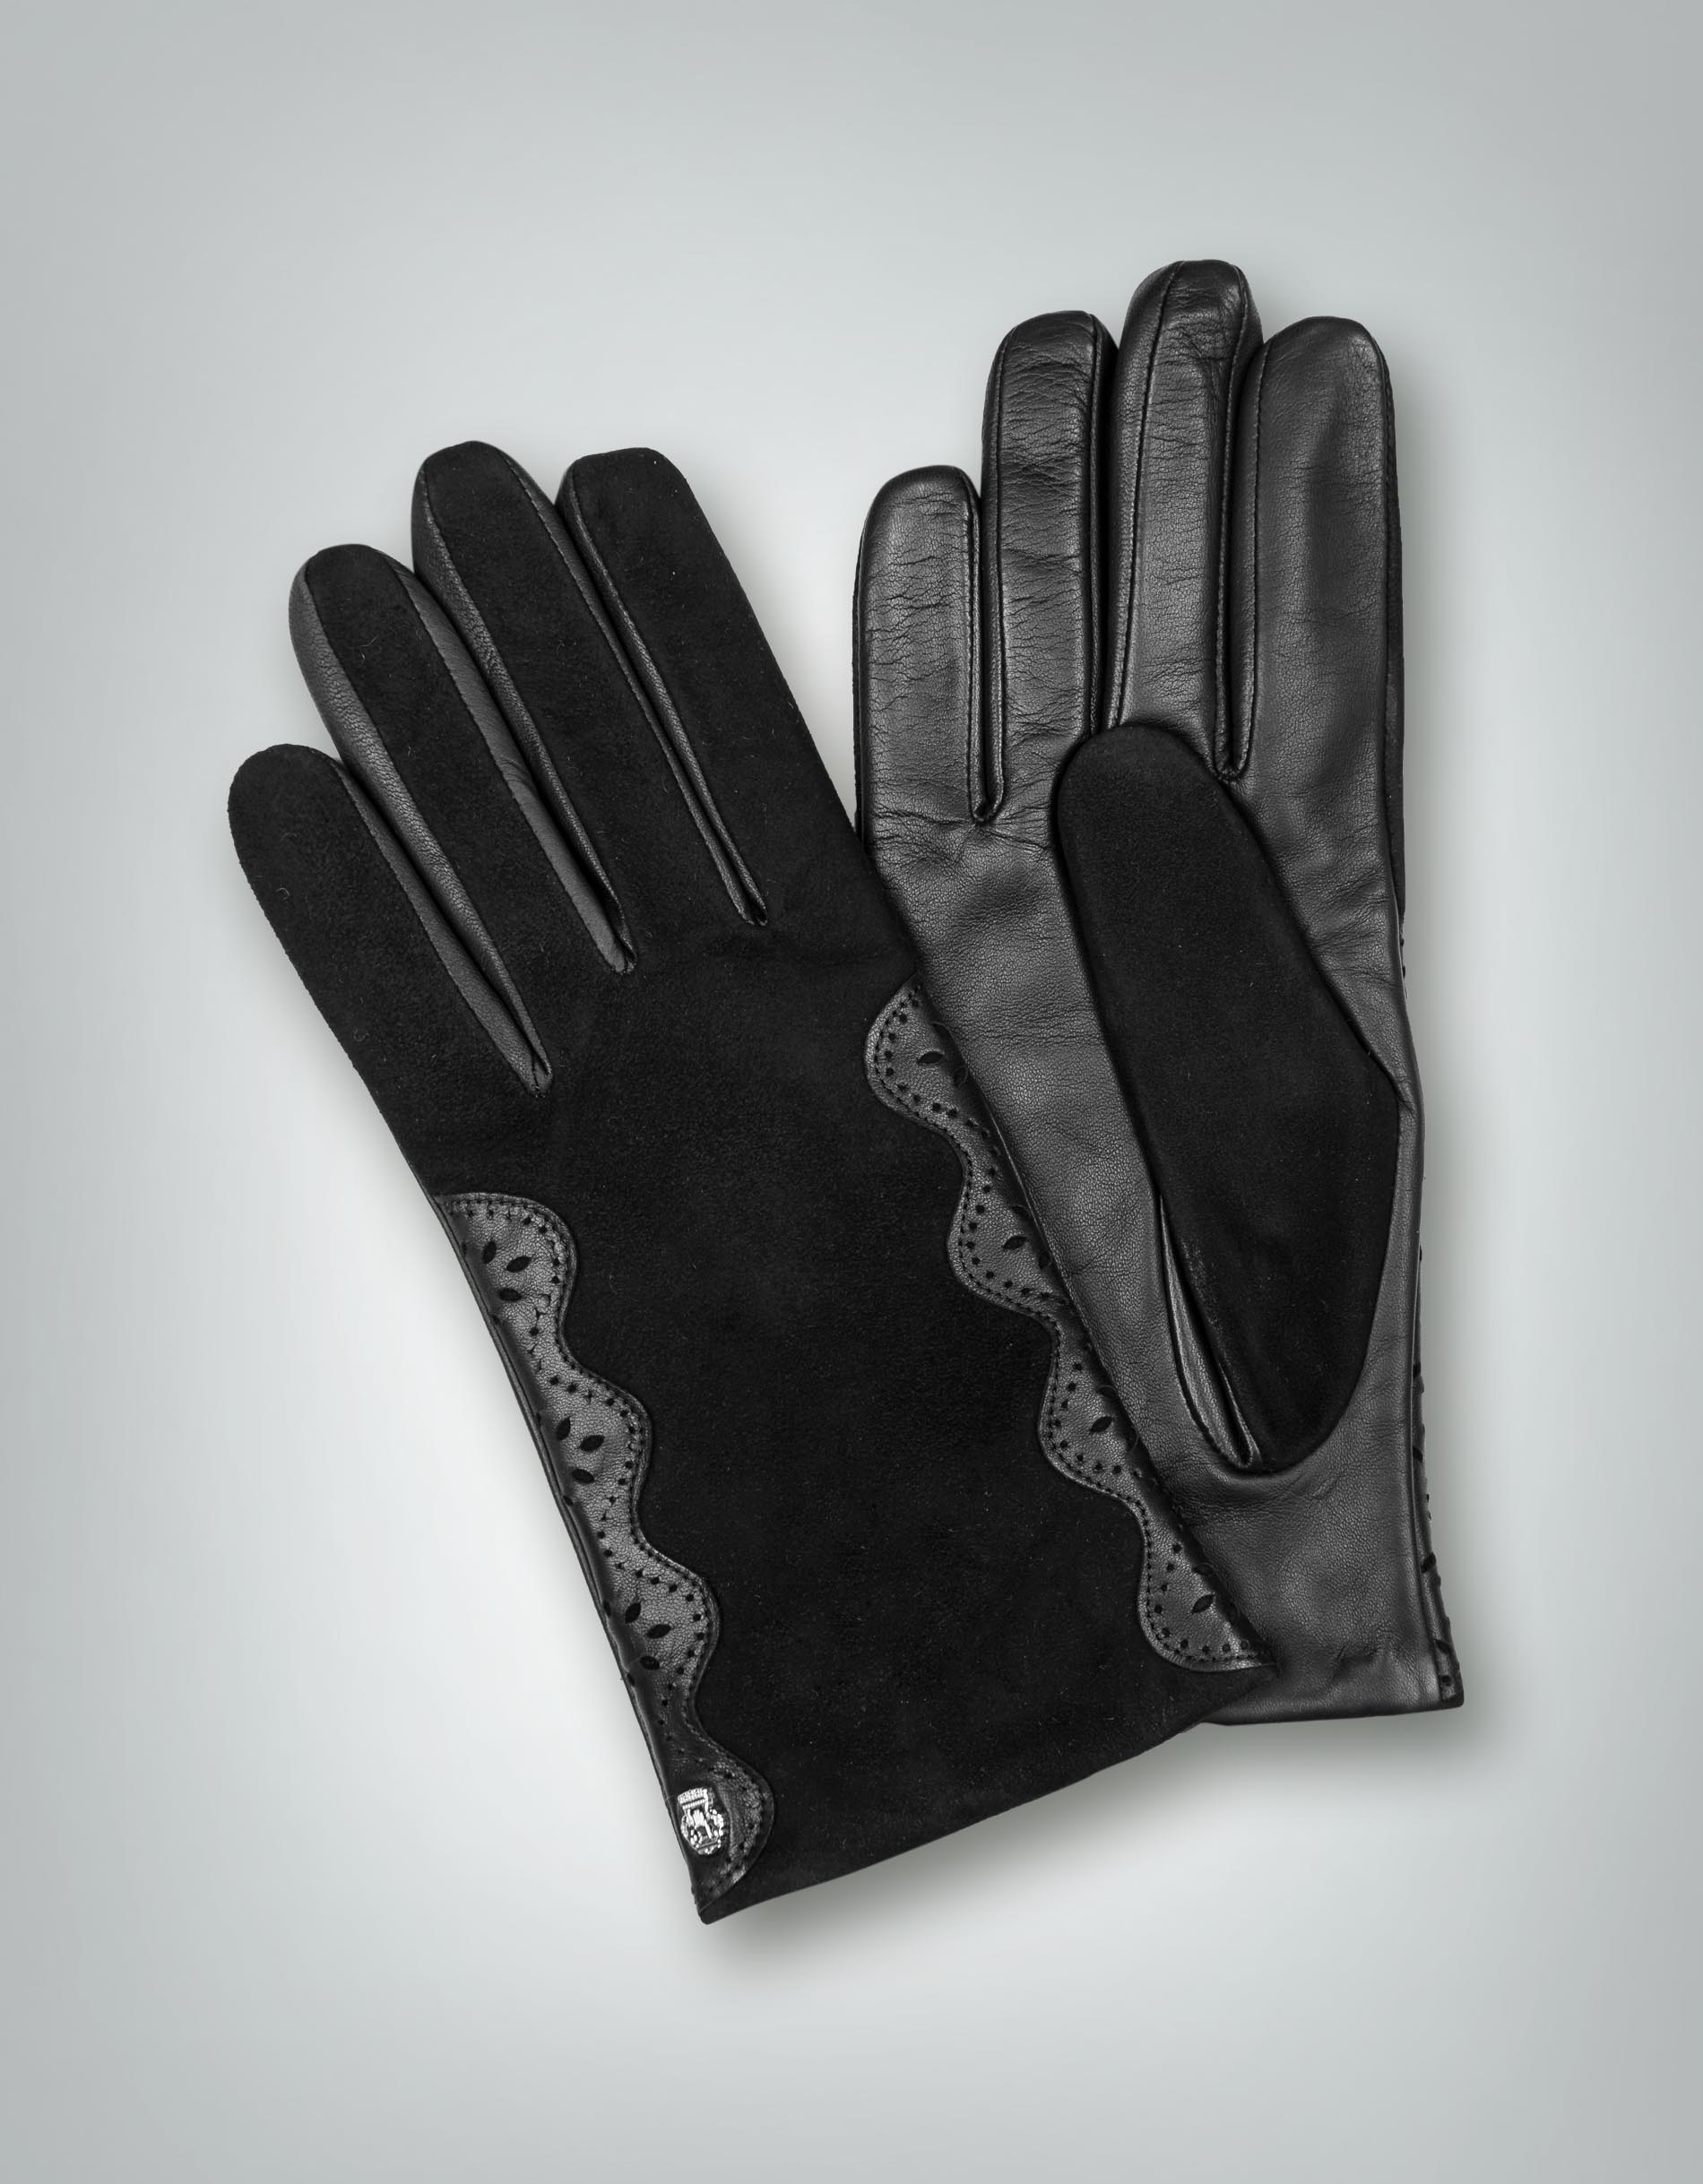 roeckl damen handschuhe leder mit budapester details. Black Bedroom Furniture Sets. Home Design Ideas